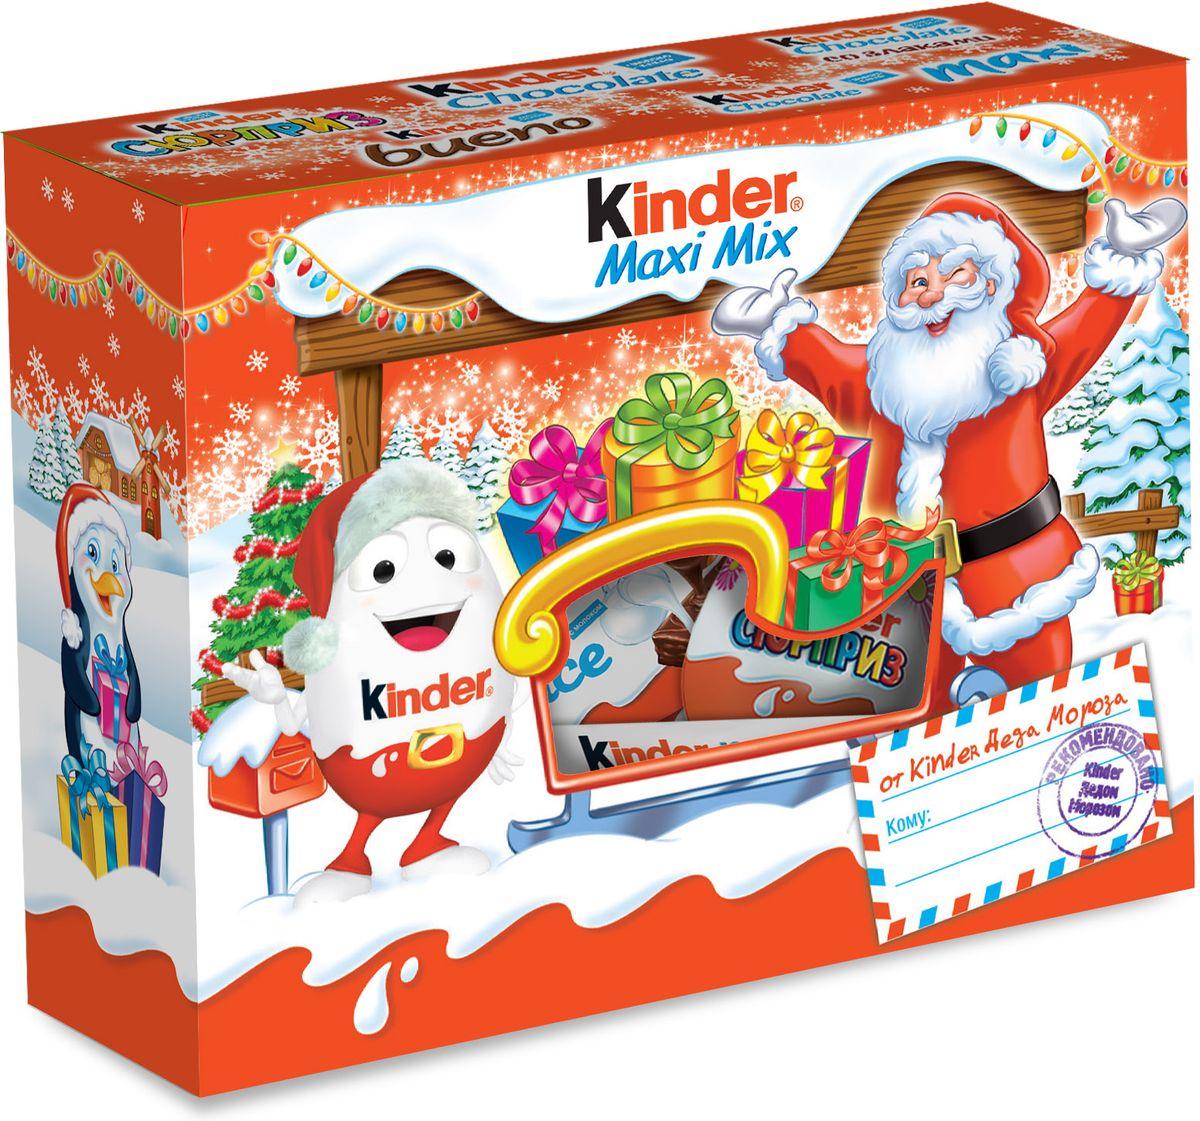 Встречайте Новый Год вместе с Kinder! В этом году Kinder приготовил для Вас множество новогодних подарков!